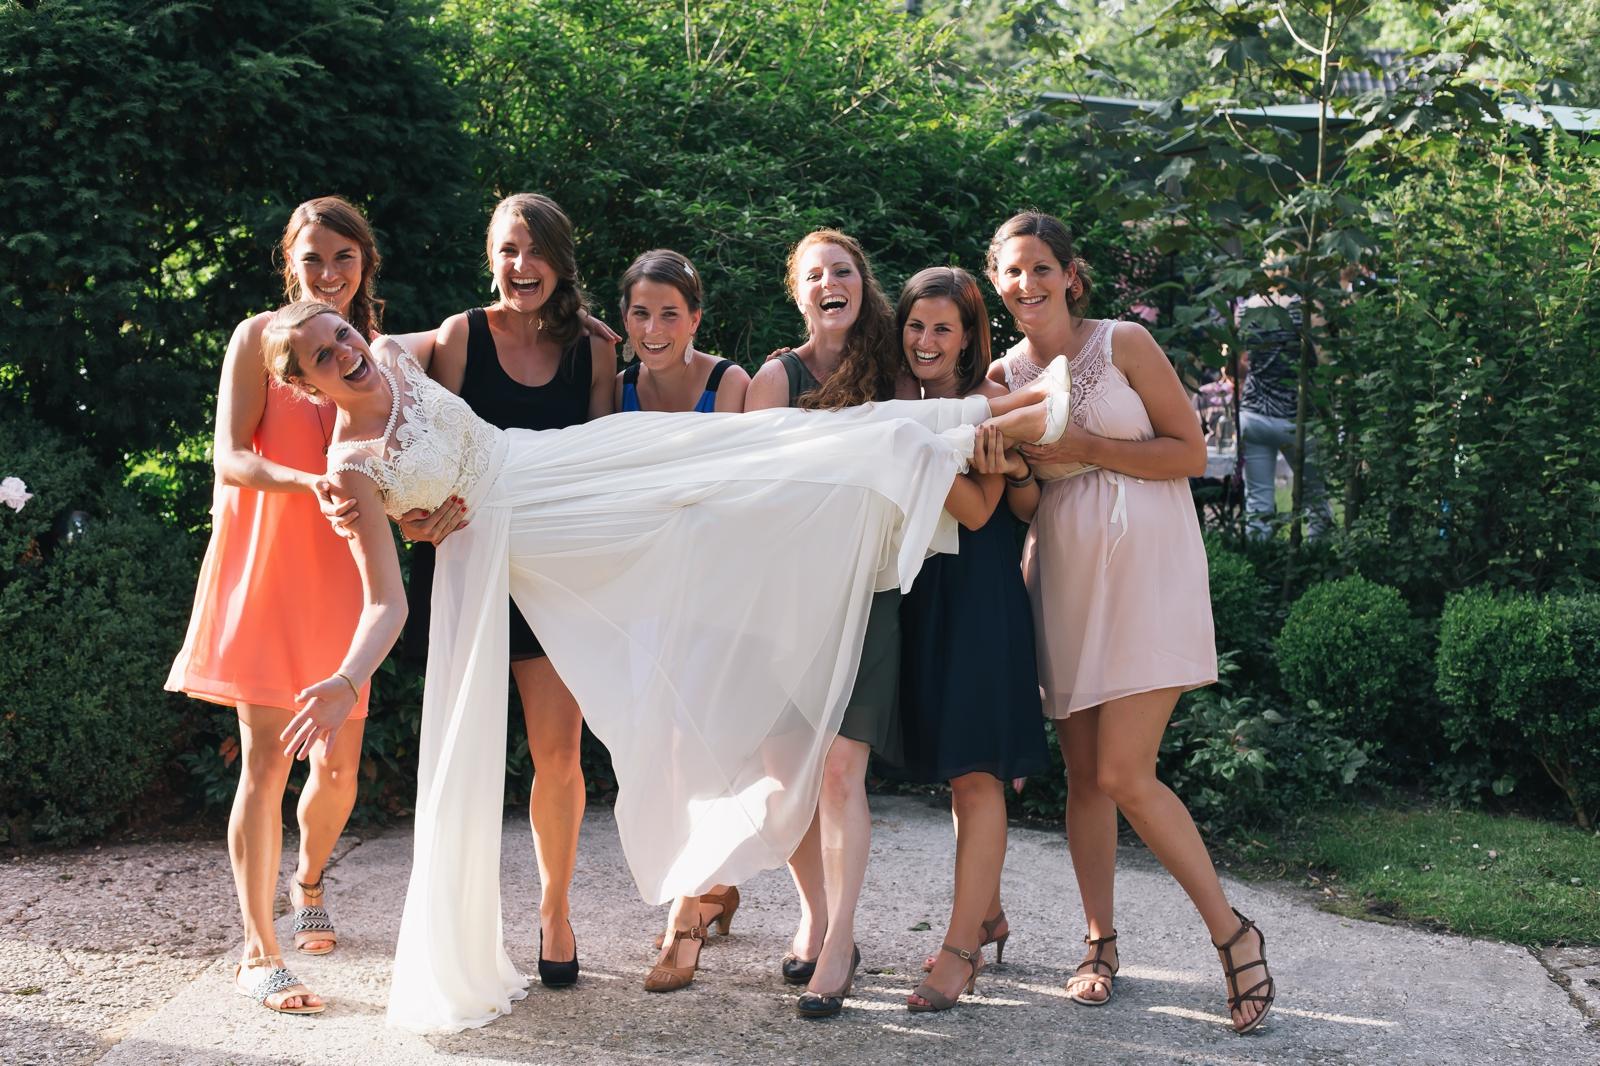 Monstergraphie_Hochzeitsreportage_Bottrop41.jpg?fit=1600%2C1066